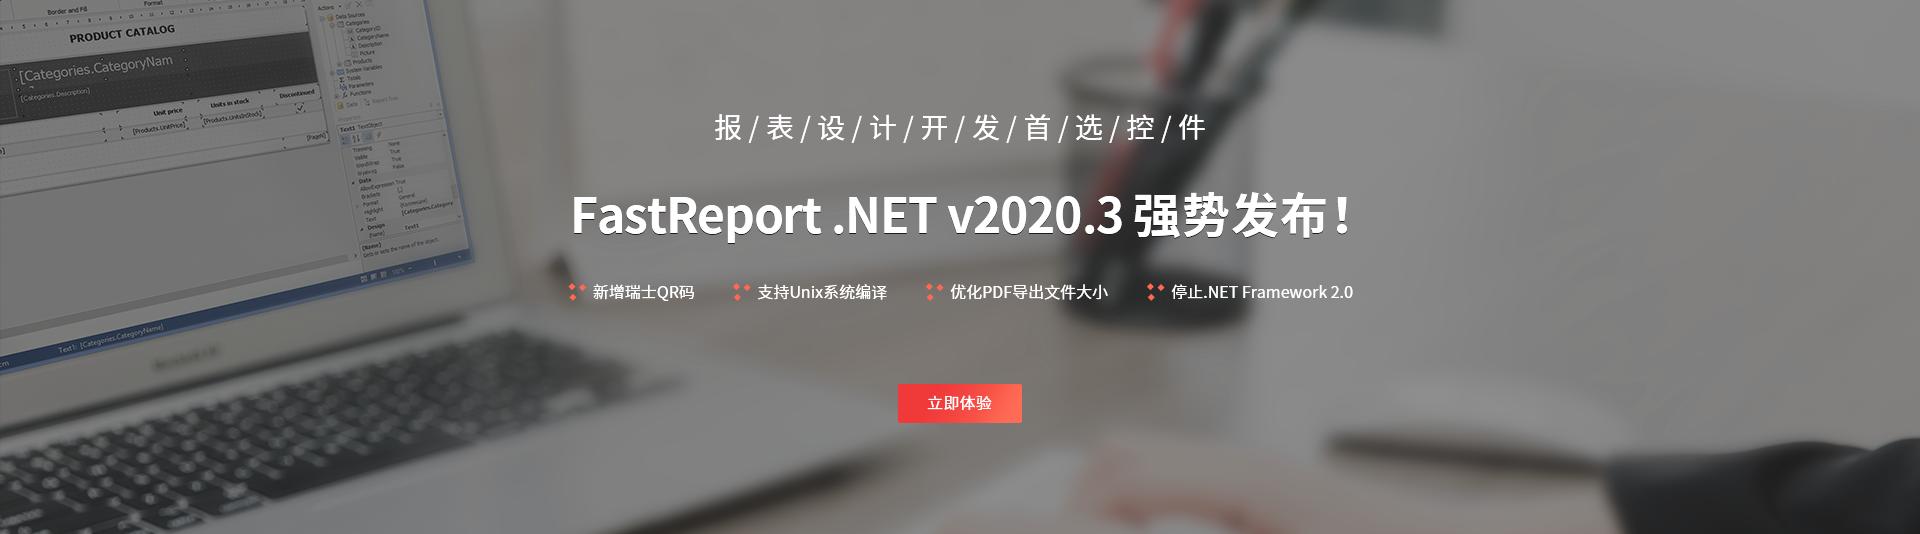 FastReport .net v2020.3更新